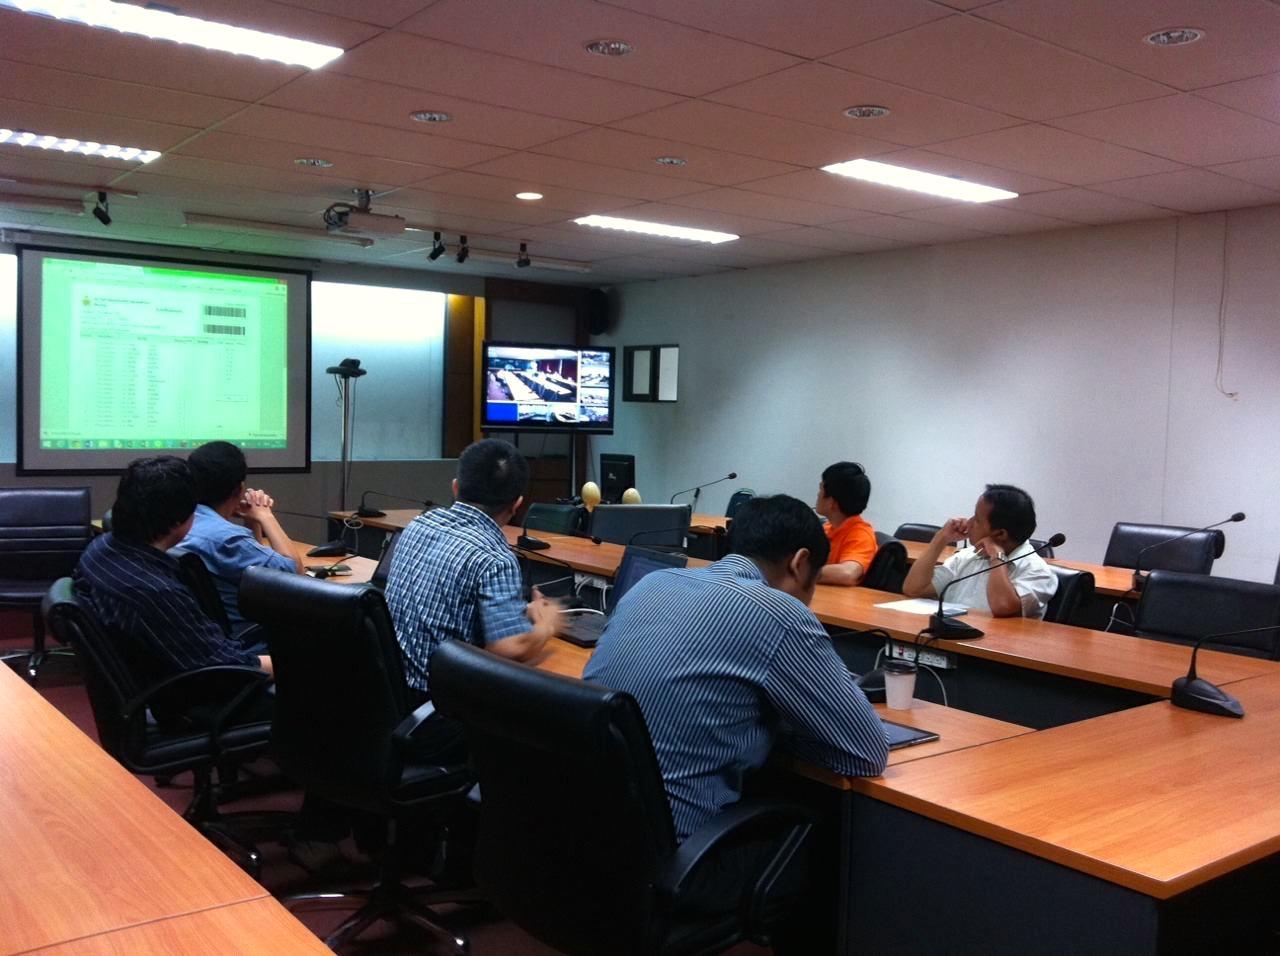 คณะทำงานฯ 6 พื้นที่ ประชุม conference ถึงความคืบหน้าฯ ระบบทะเบียนกลาง มหาวิทยาลัยฯ